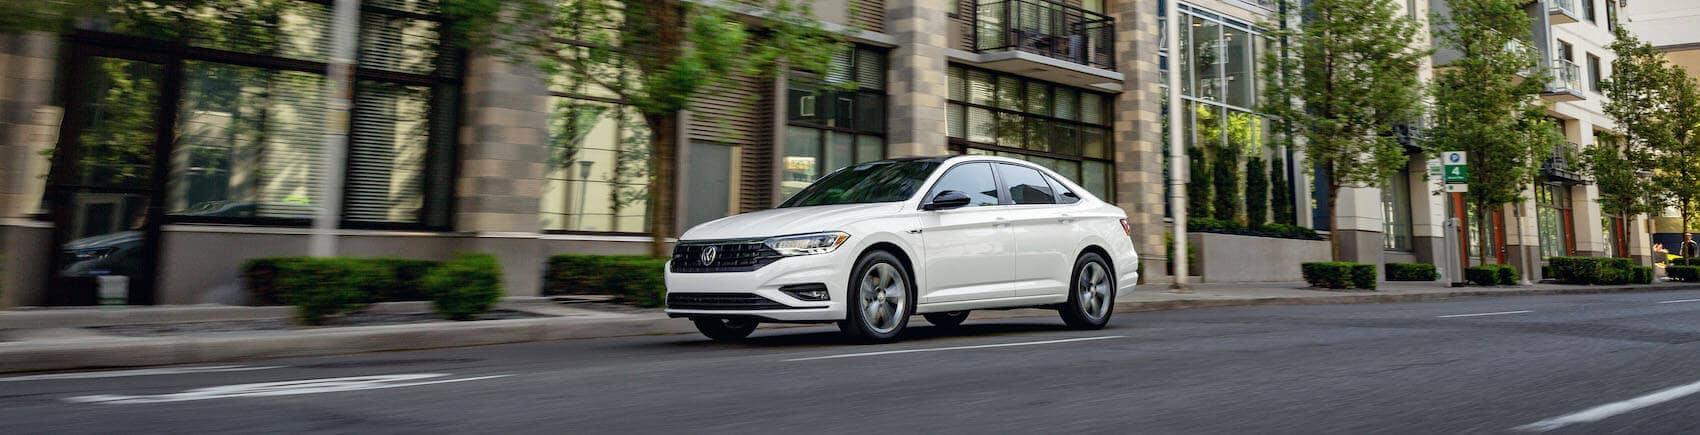 Certified Pre-Owned Volkswagen Dealer near Littleton CO